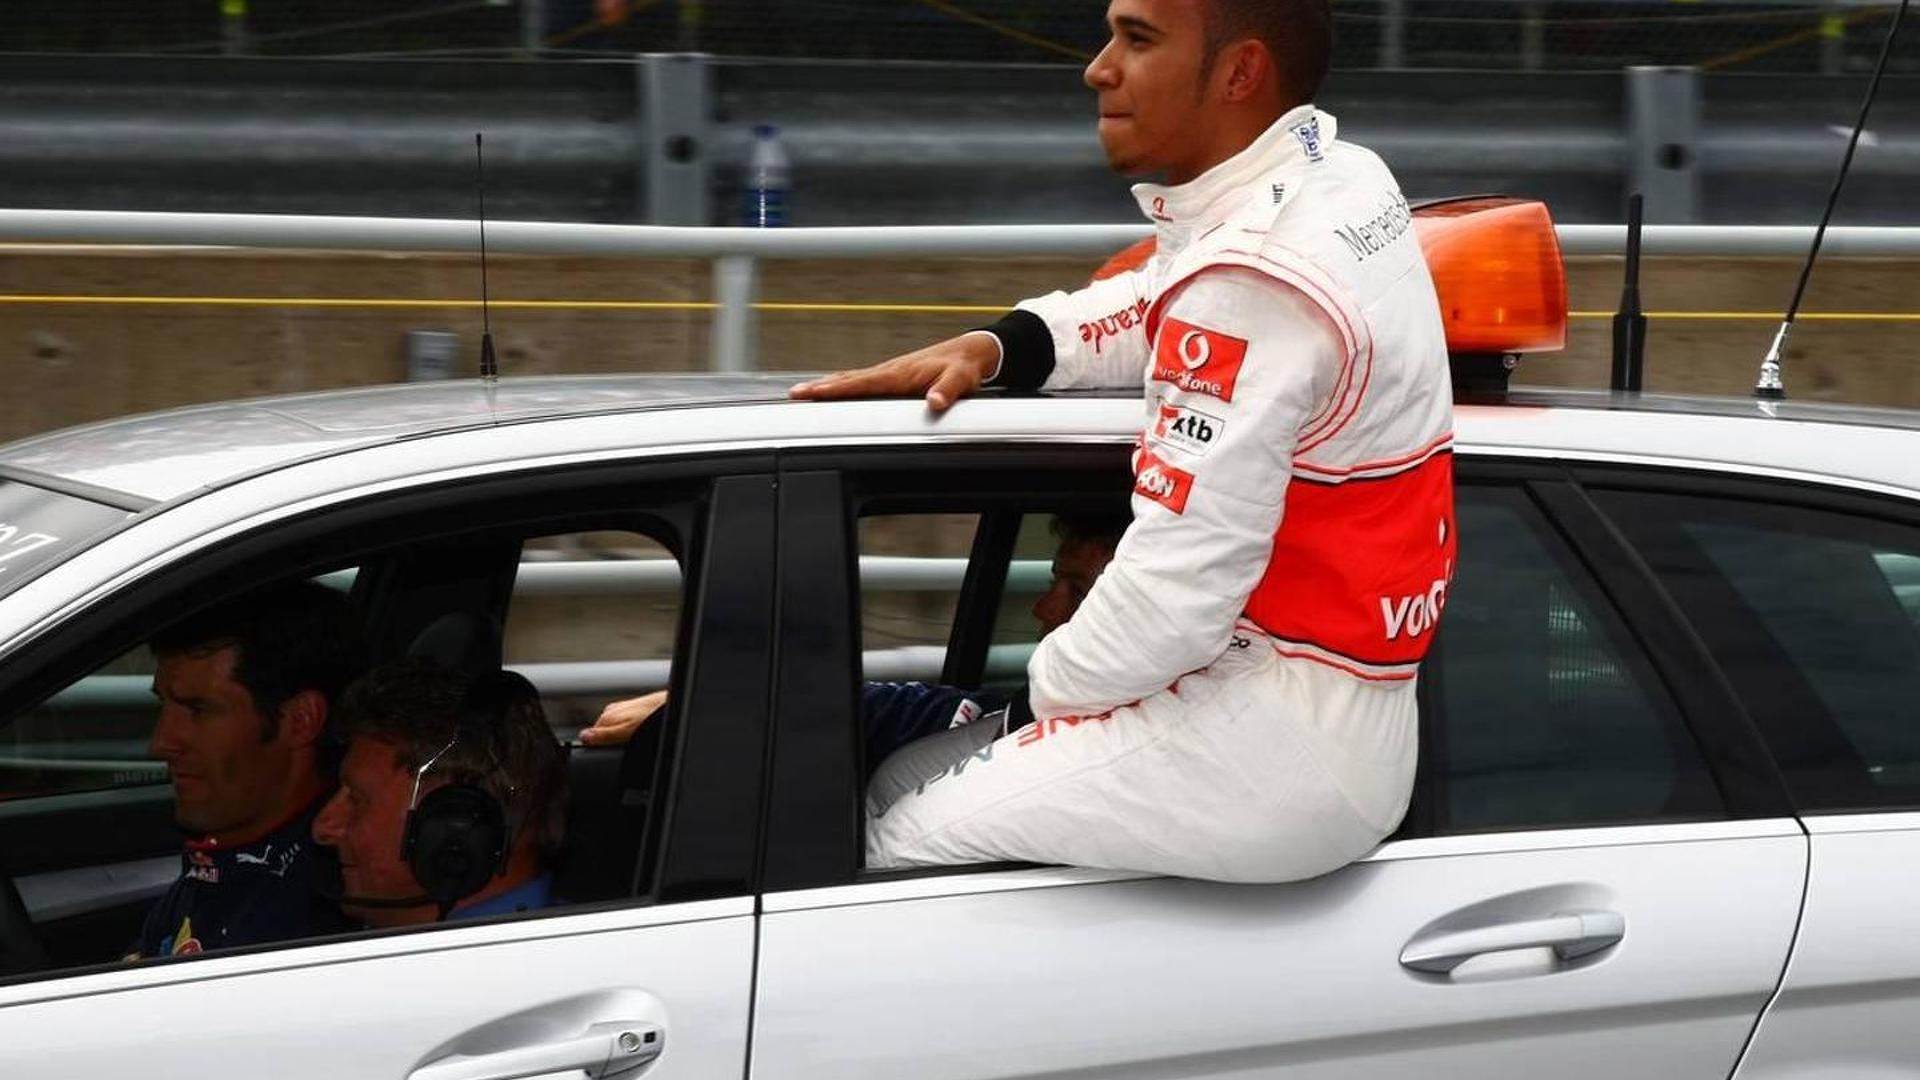 F1 drivers must follow road rules - FIA